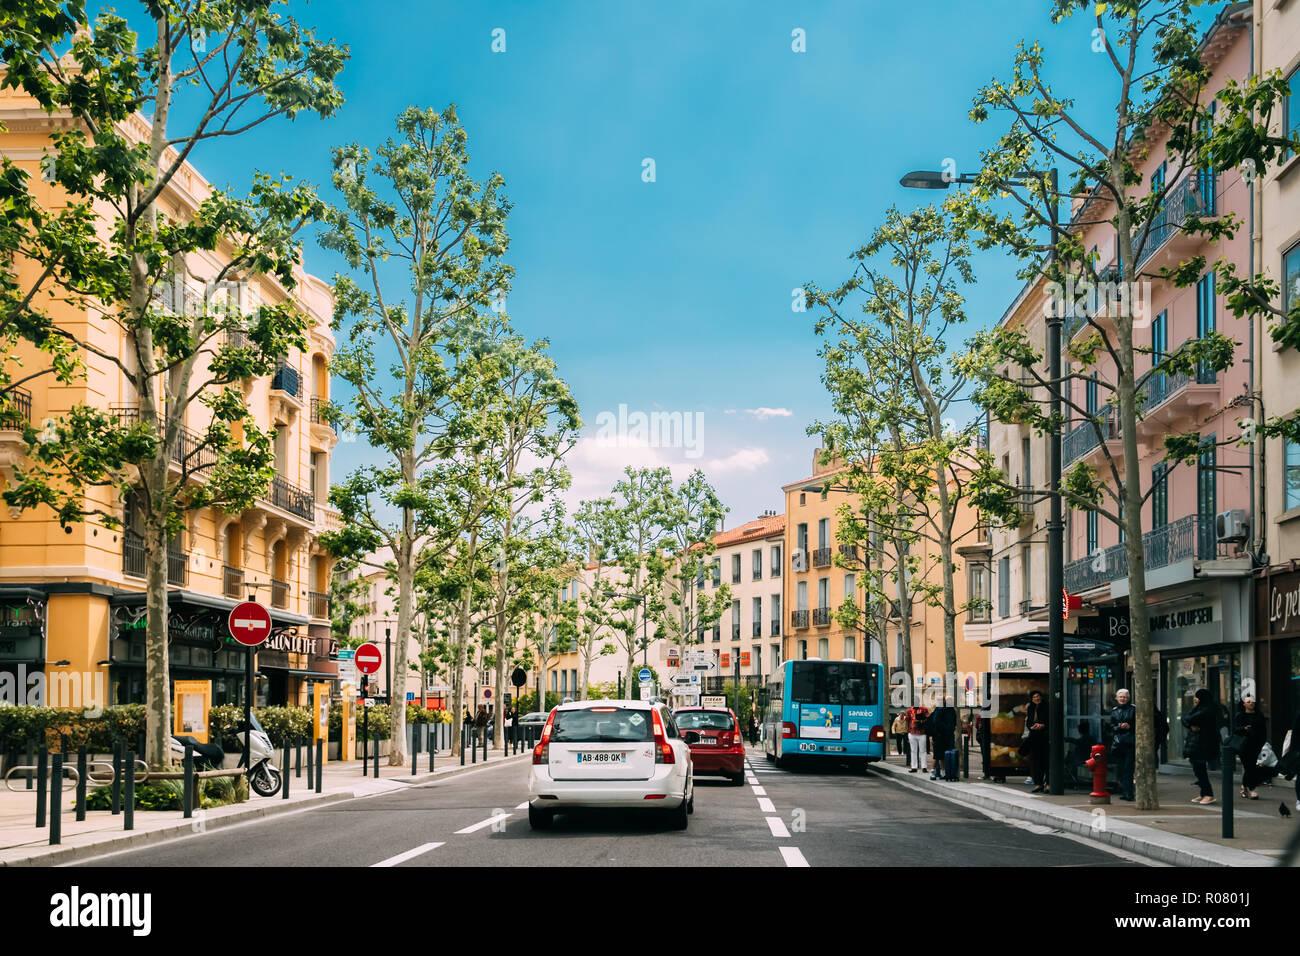 Perpignan, France - 16 mai 2018: la circulation à proximité Arrêt de bus sur la Place Jean Payra dans jour de printemps Ensoleillé Photo Stock